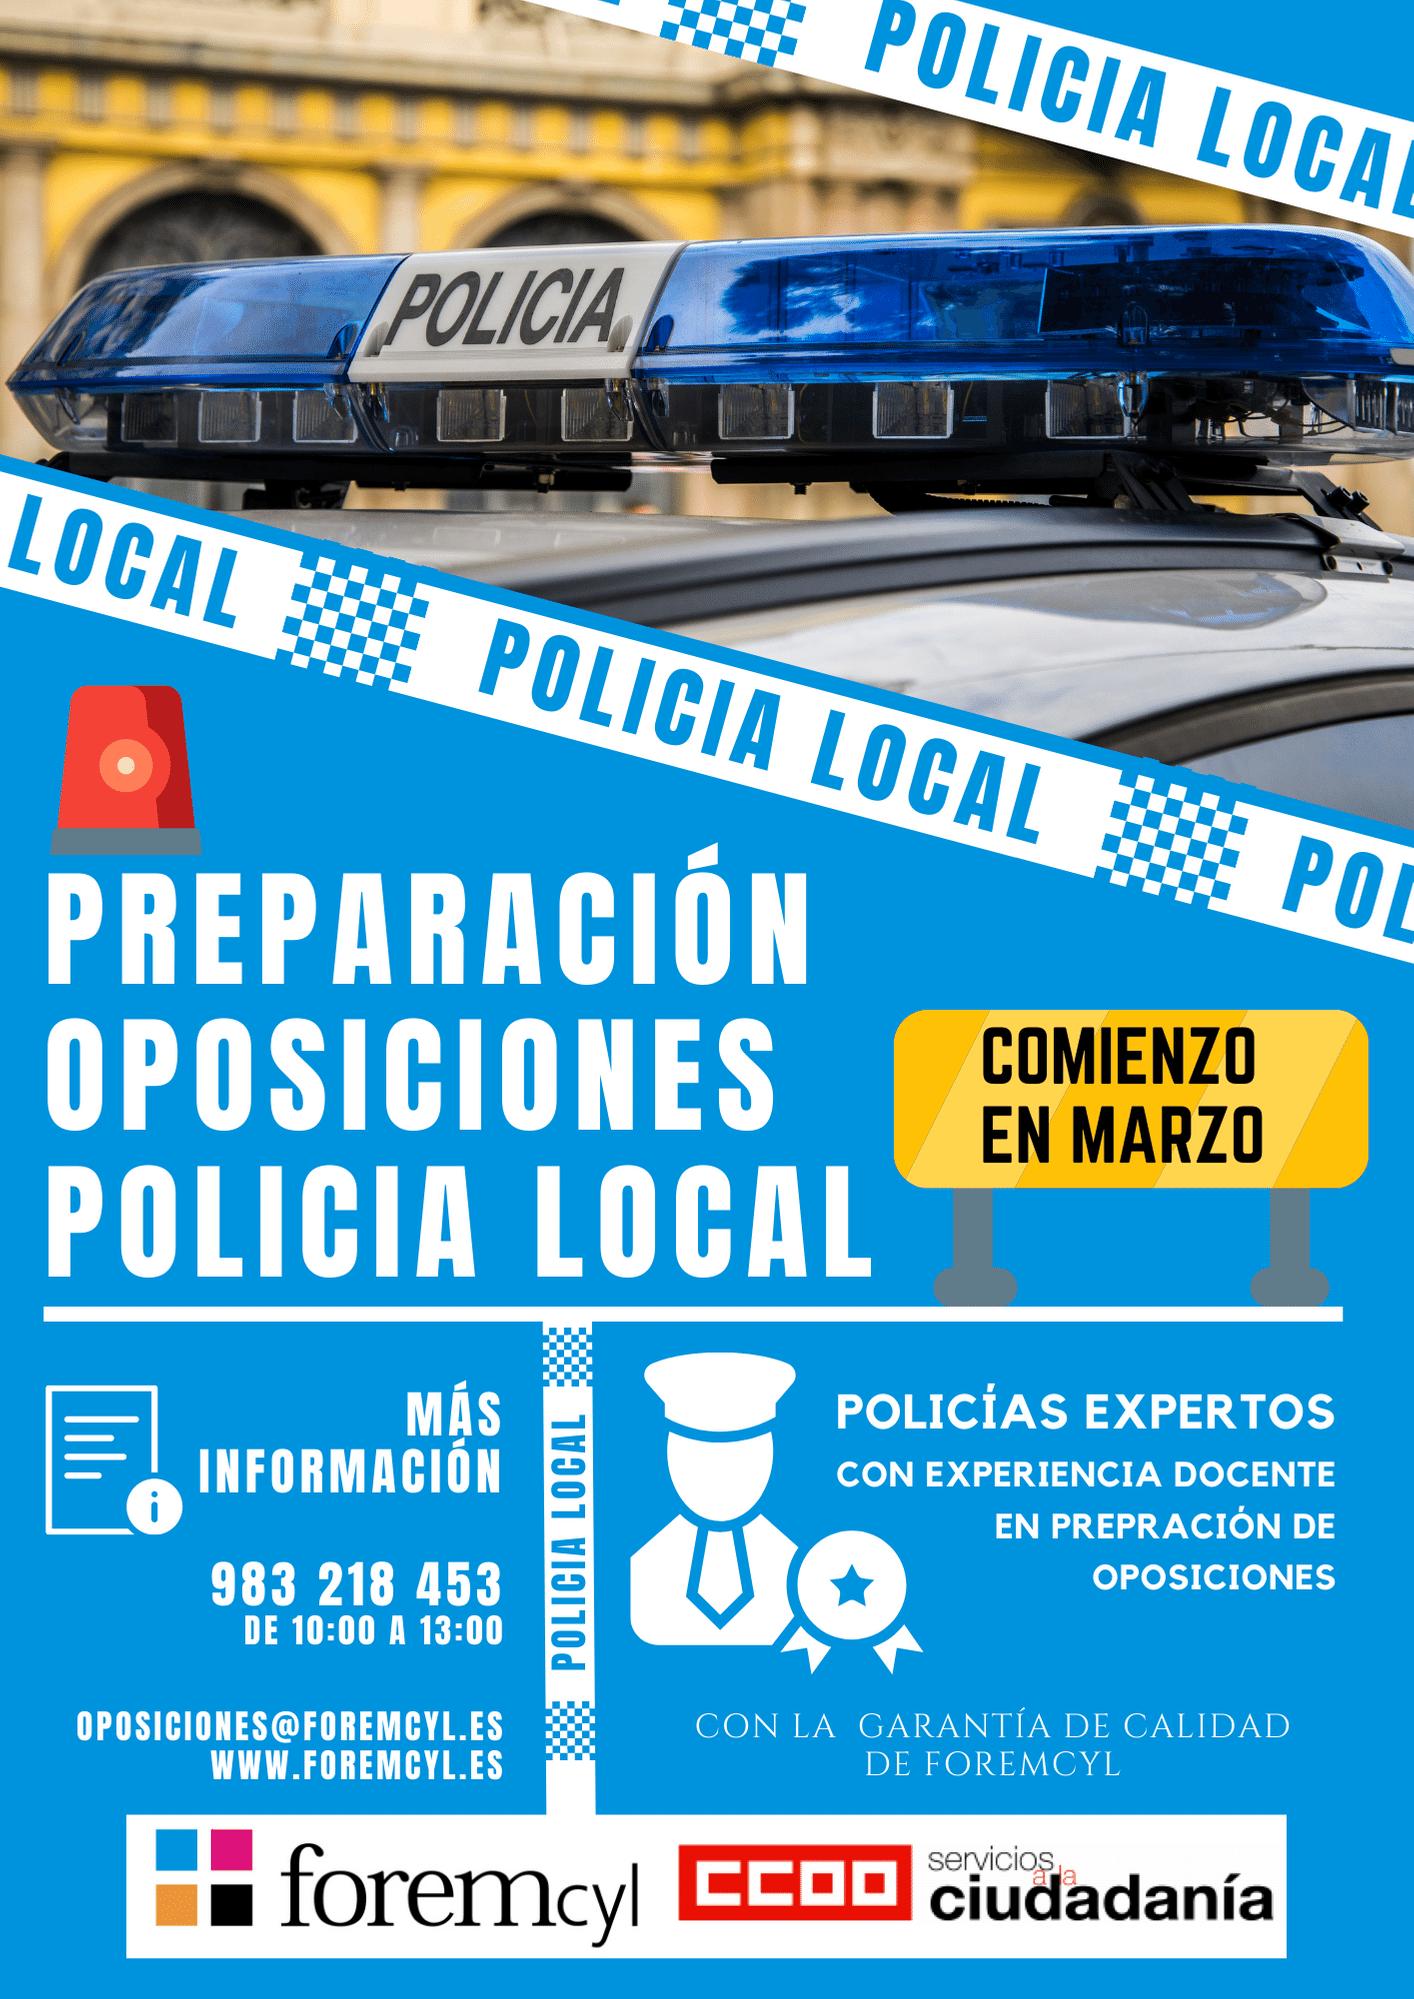 Preparacion oposiciones policia local